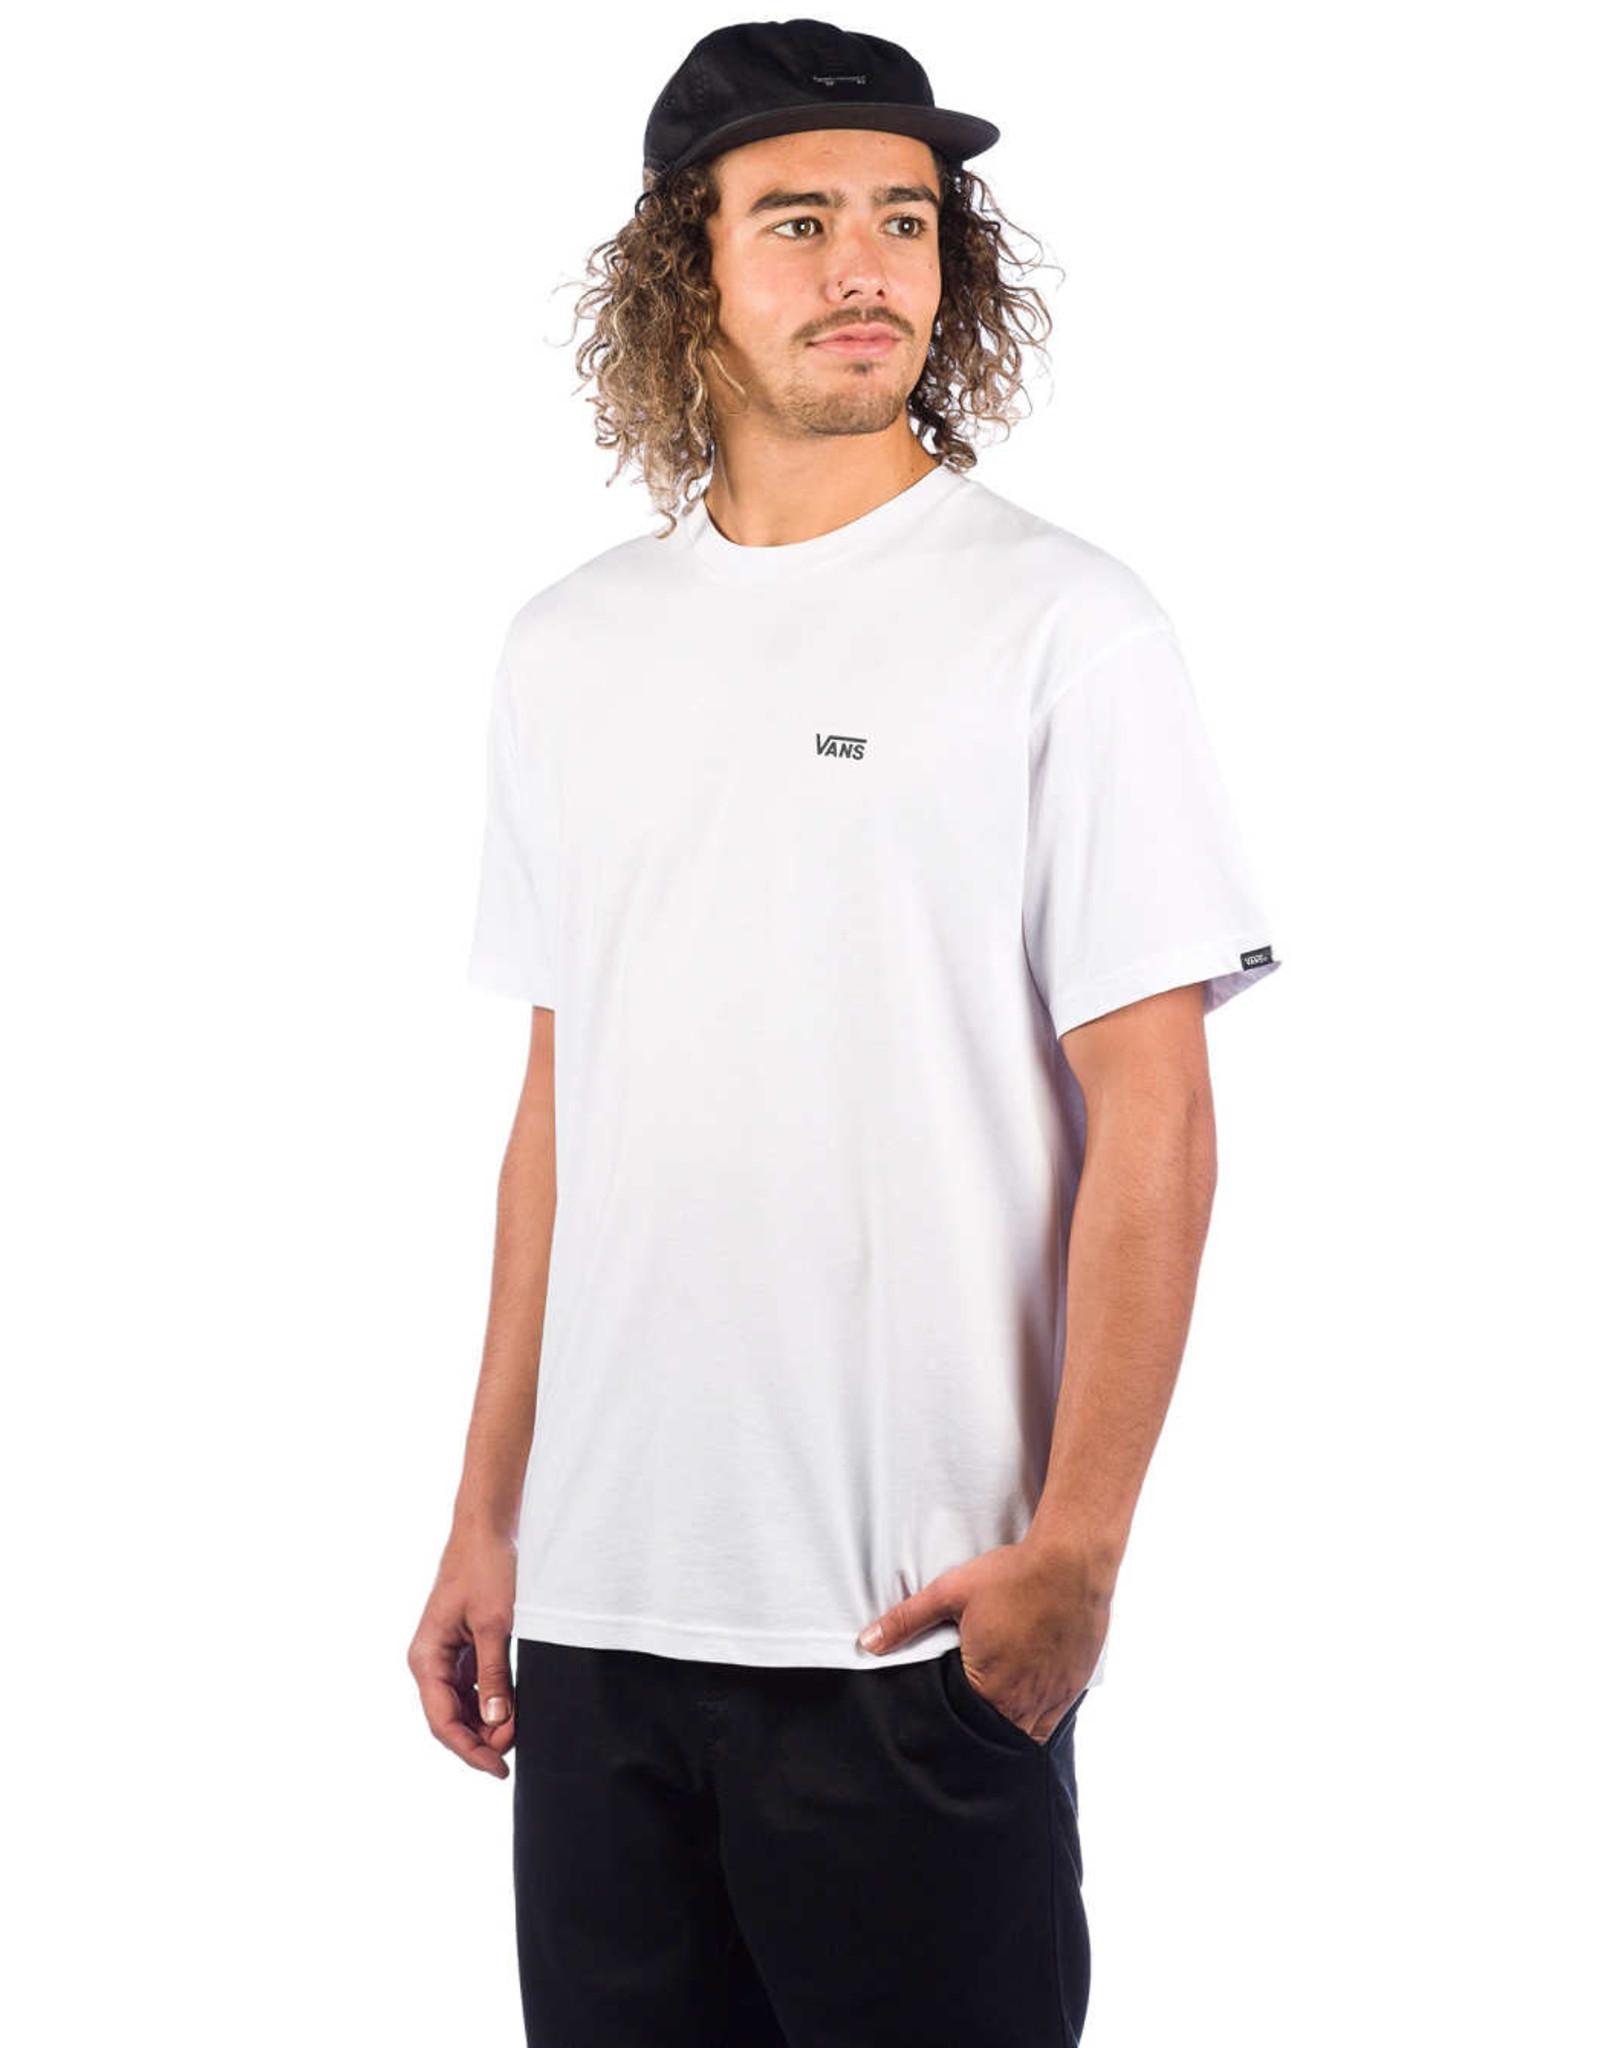 vans Vans - t-shirt left chest logo white/black